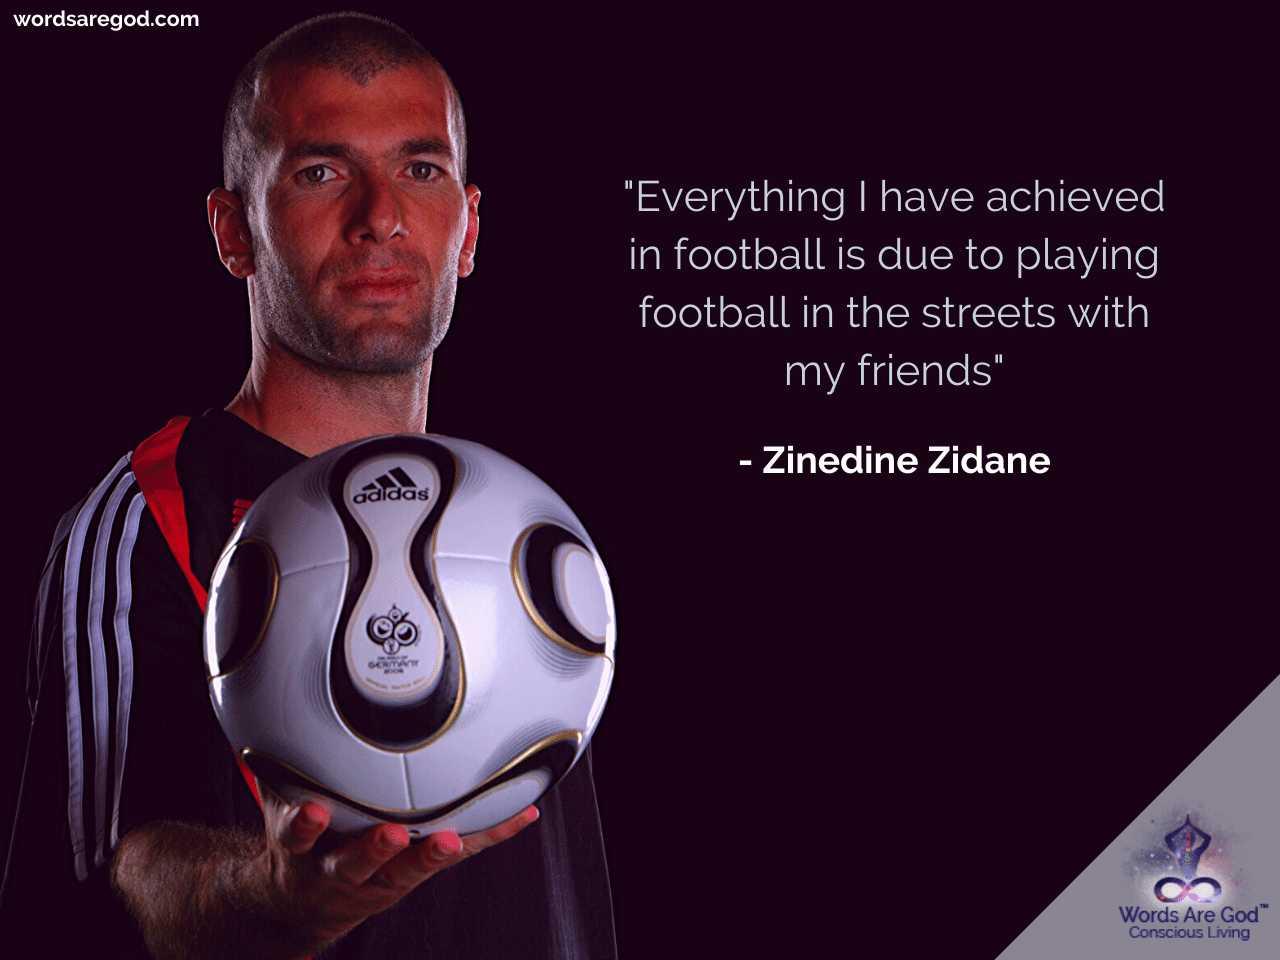 Zinedine Zidane Inspirational Quote by Zinedine Zidane